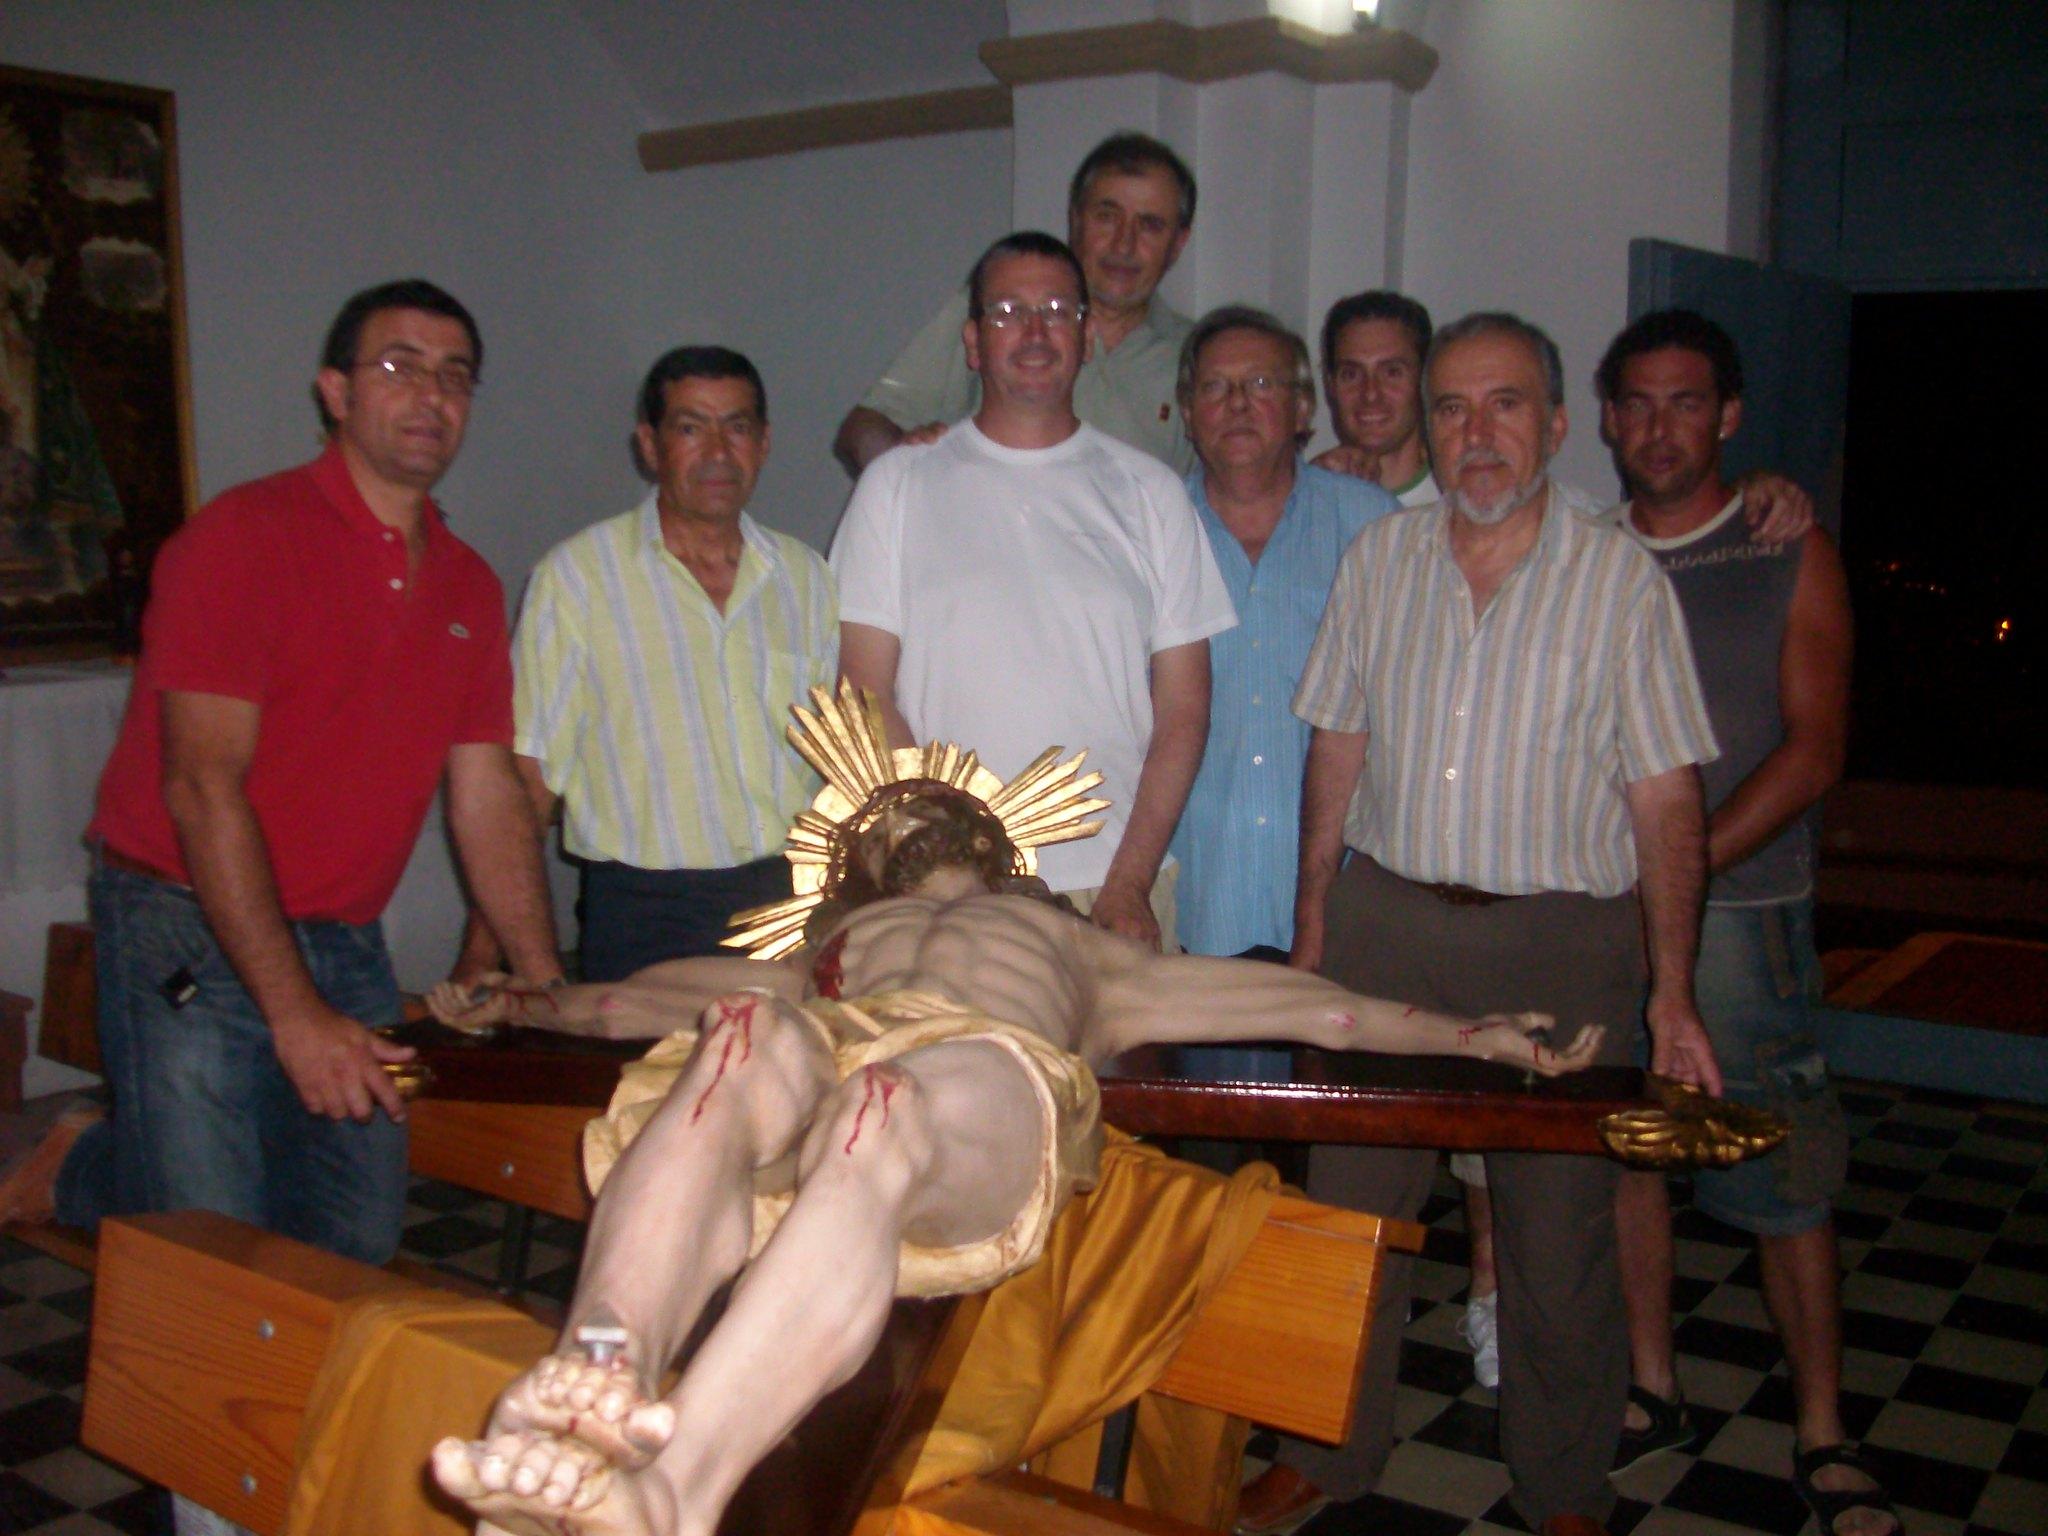 (2010-06-22) - Preparativos Imagen - Javier Romero Ripoll - (04)